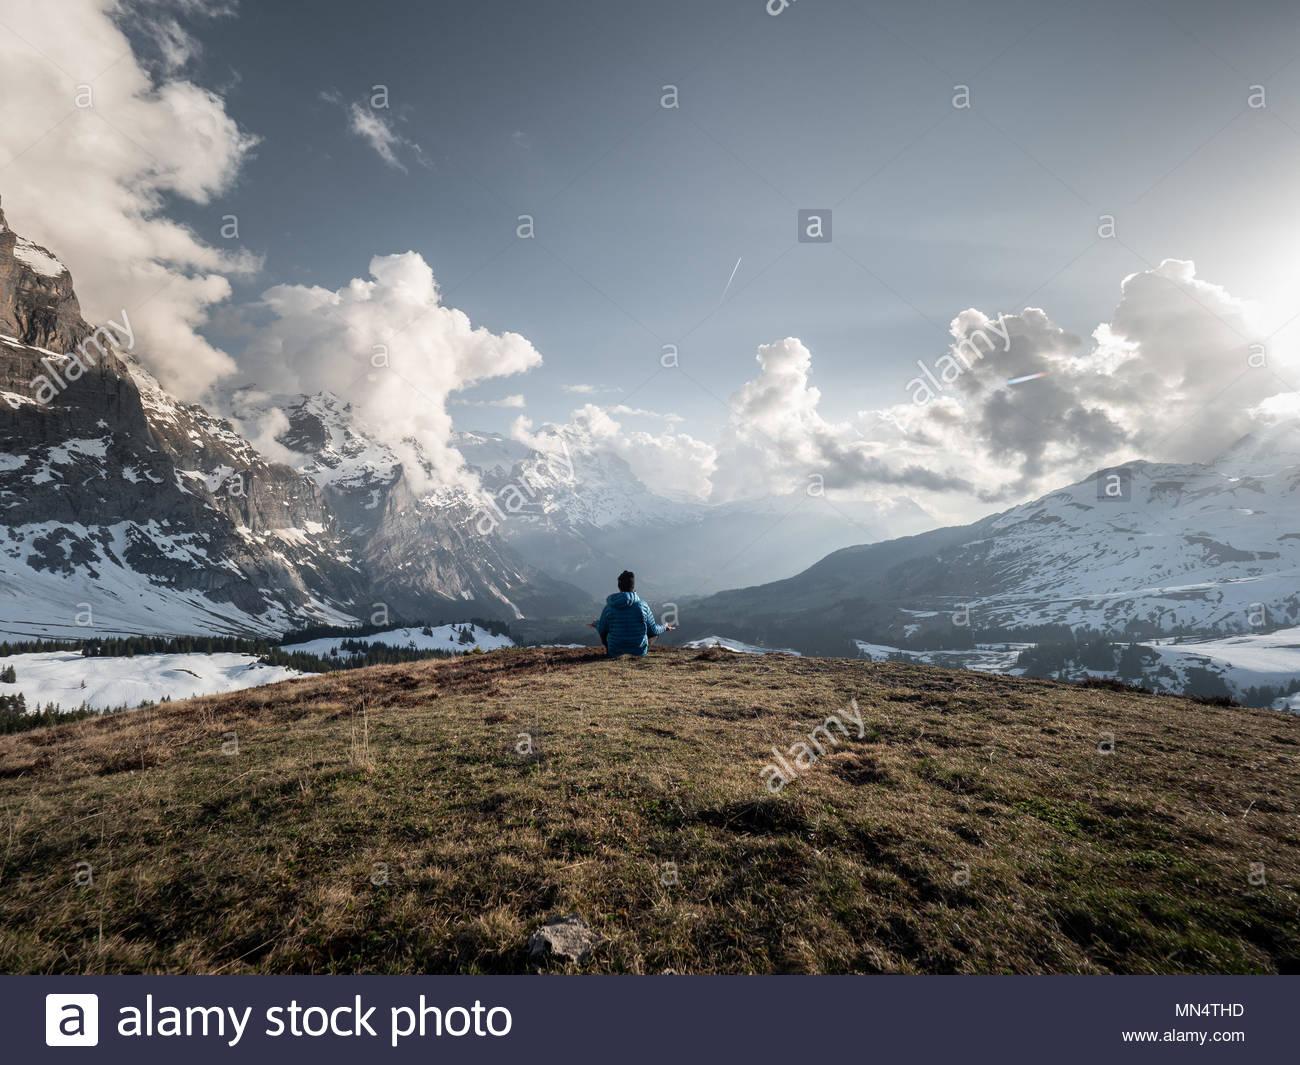 Unico uomo seduto sulla collina che si affaccia sulla catena montuosa circostante e meditando, idilliaco panorama alpino Immagini Stock